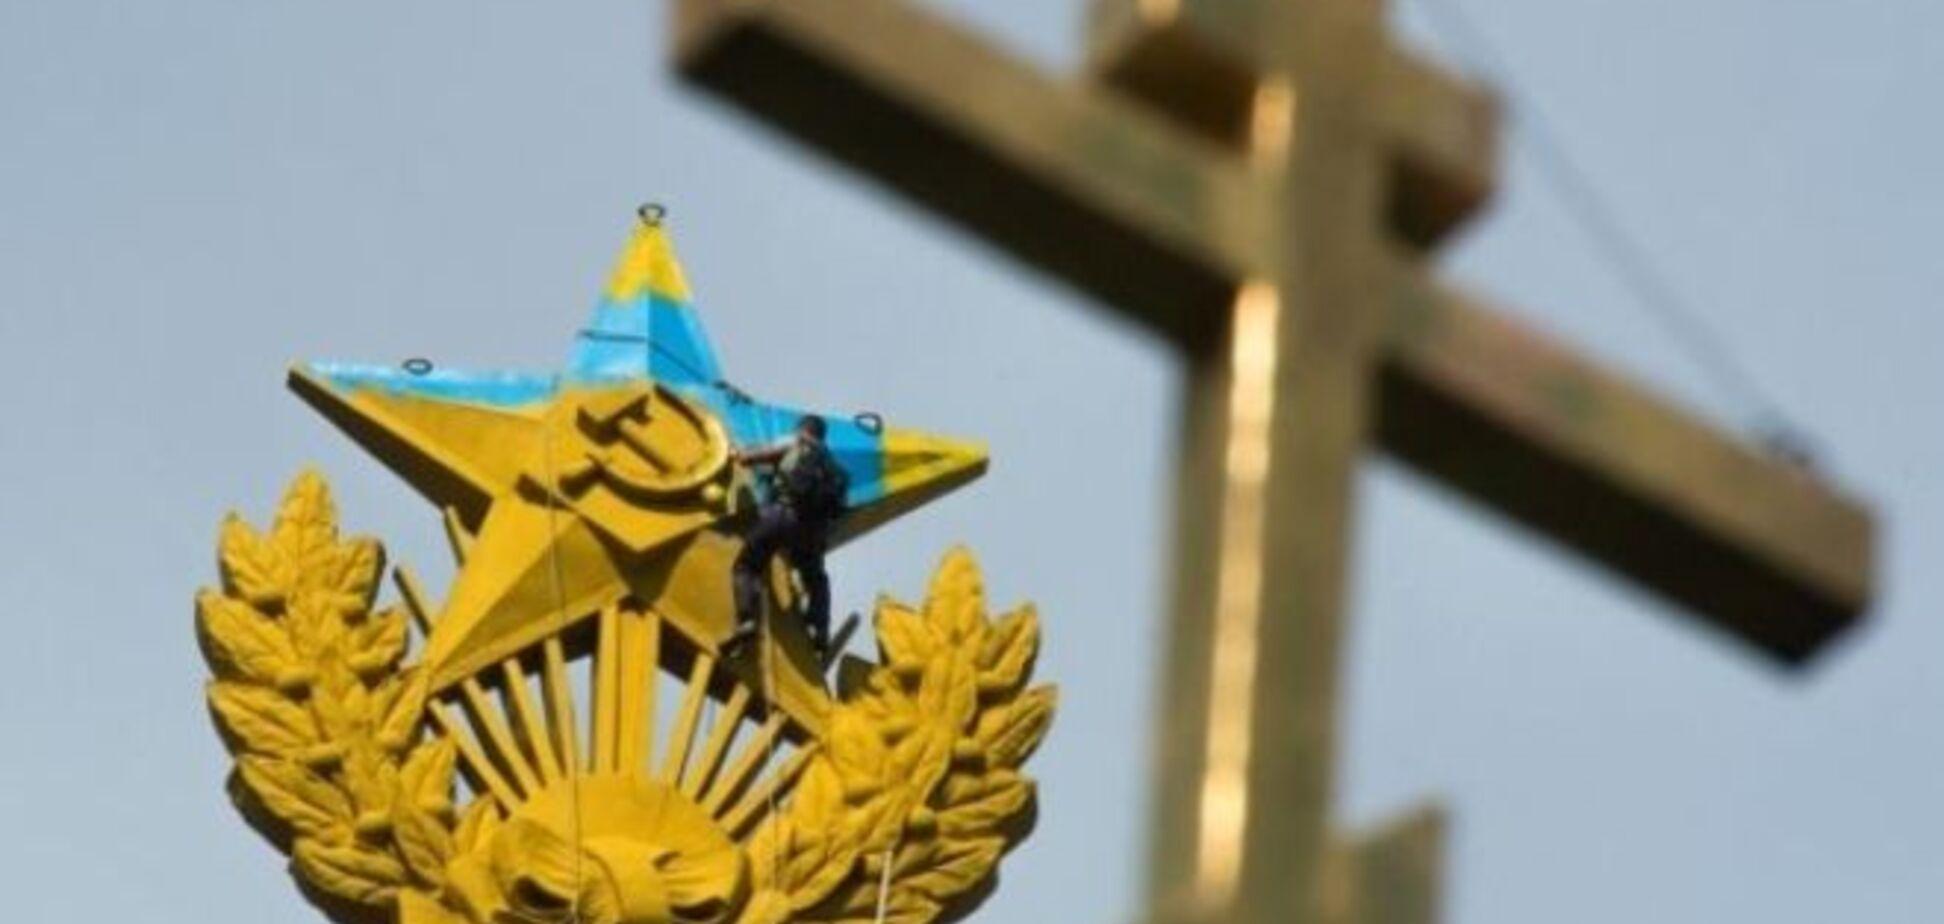 Руфер Мустанг показал доказательства 'осквернения' московской высотки